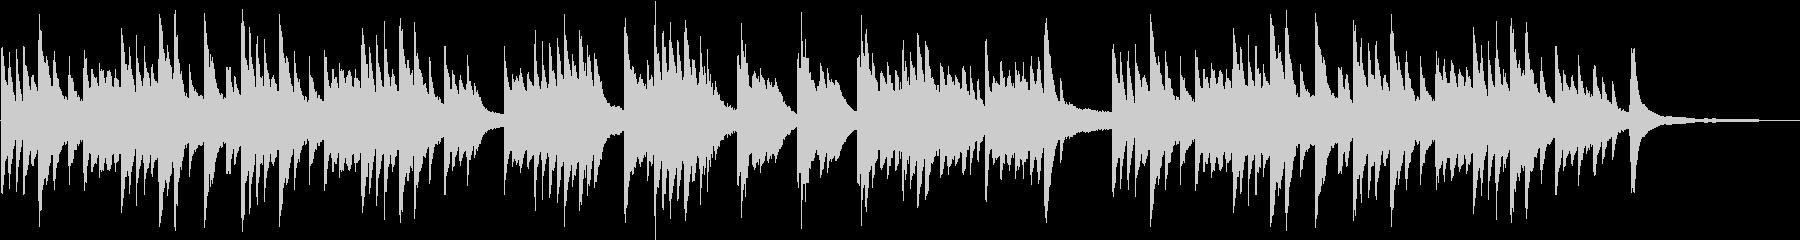 メロドラマ3(ピアノソロ)の未再生の波形